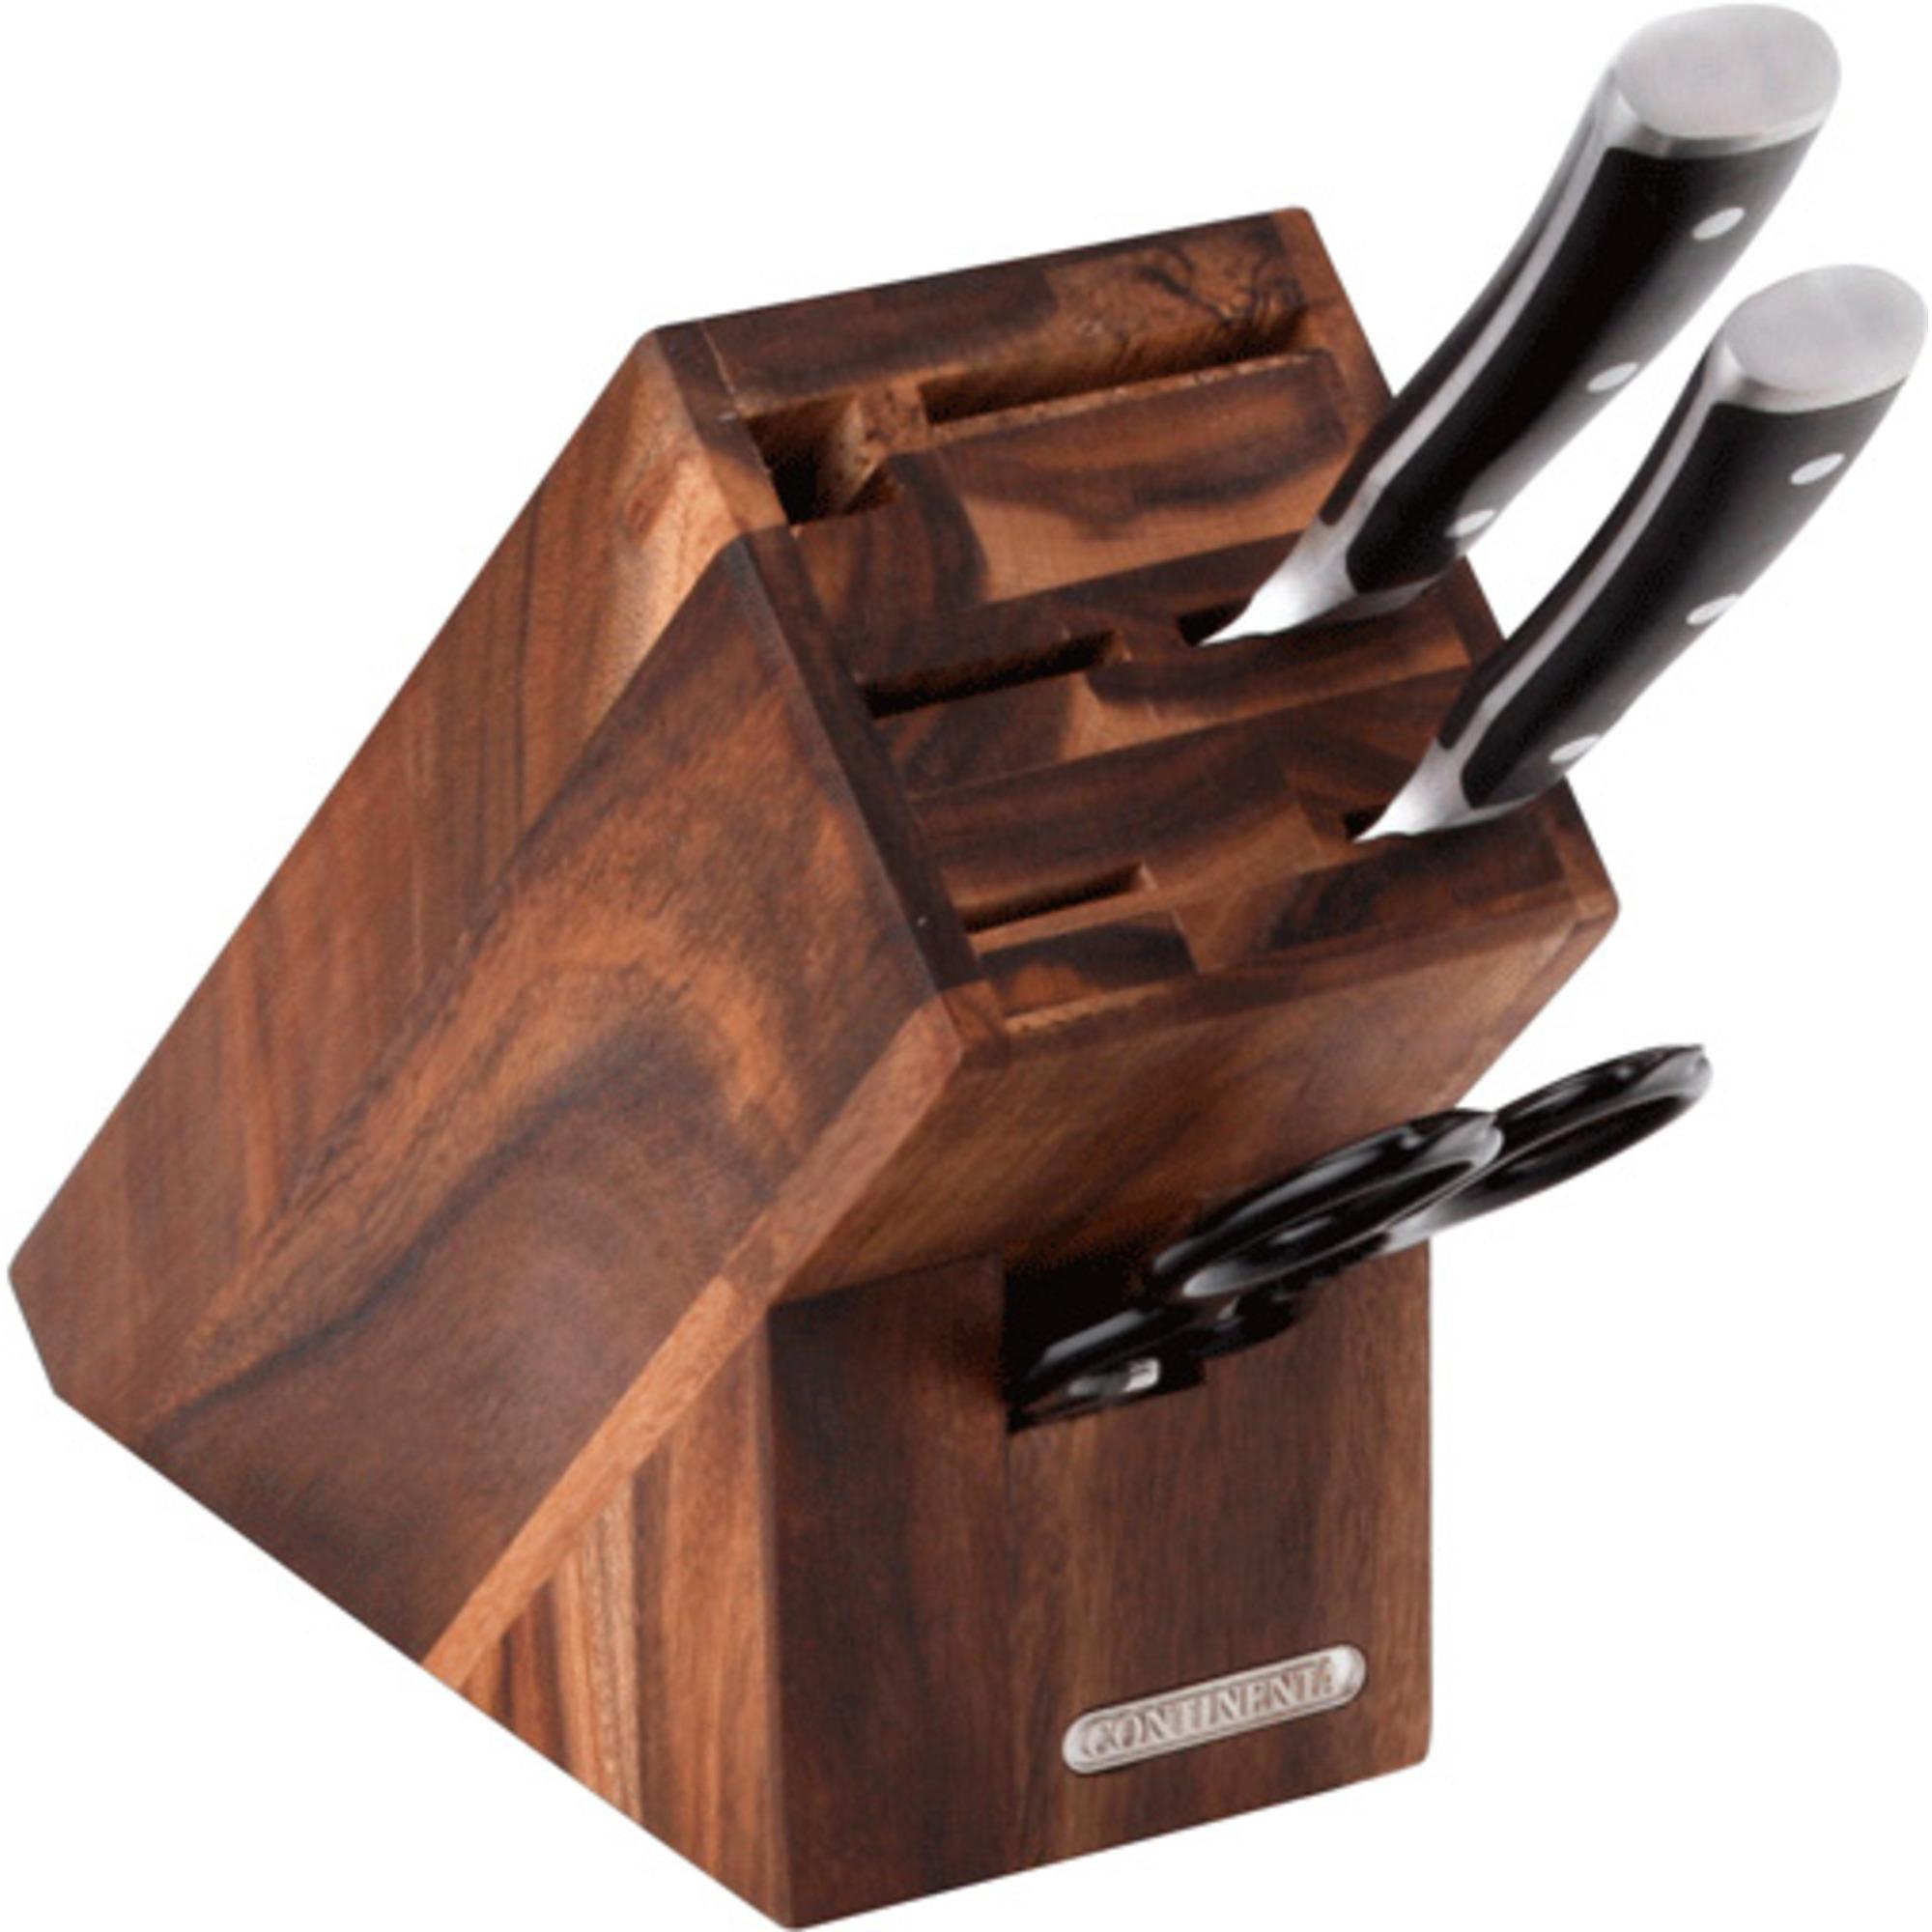 Continenta Knivblock Akacia för 5 Knivar Bryne och Sax